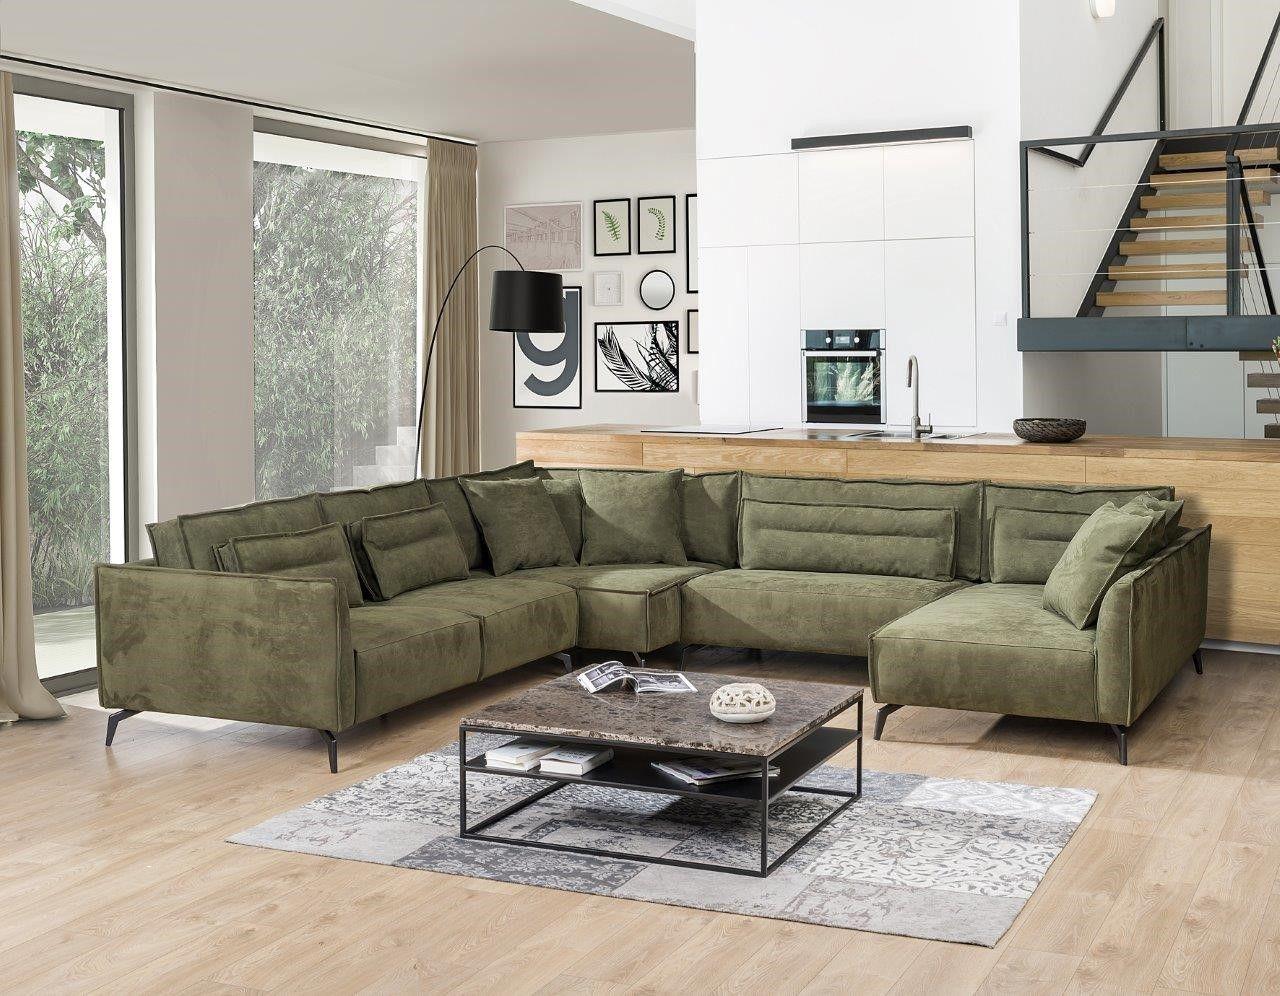 Primavera, Polster-Sofa-Garnitur, Textil, Crete   Möbel   Pinterest ...